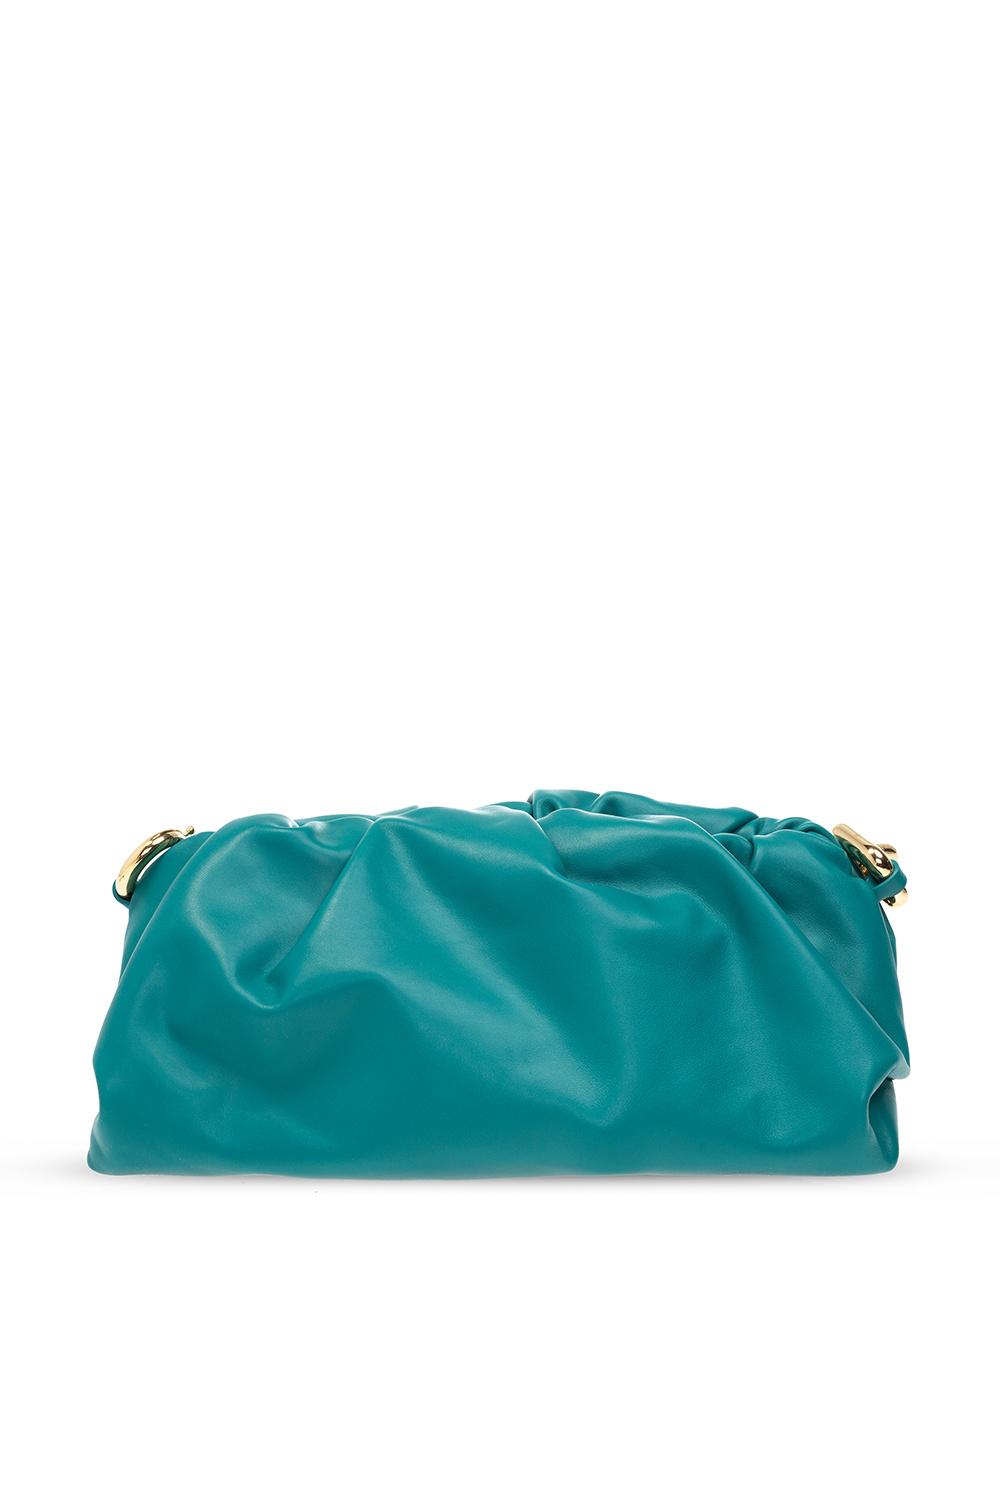 Bottega Veneta 'The Chain Pouch' shoulder bag